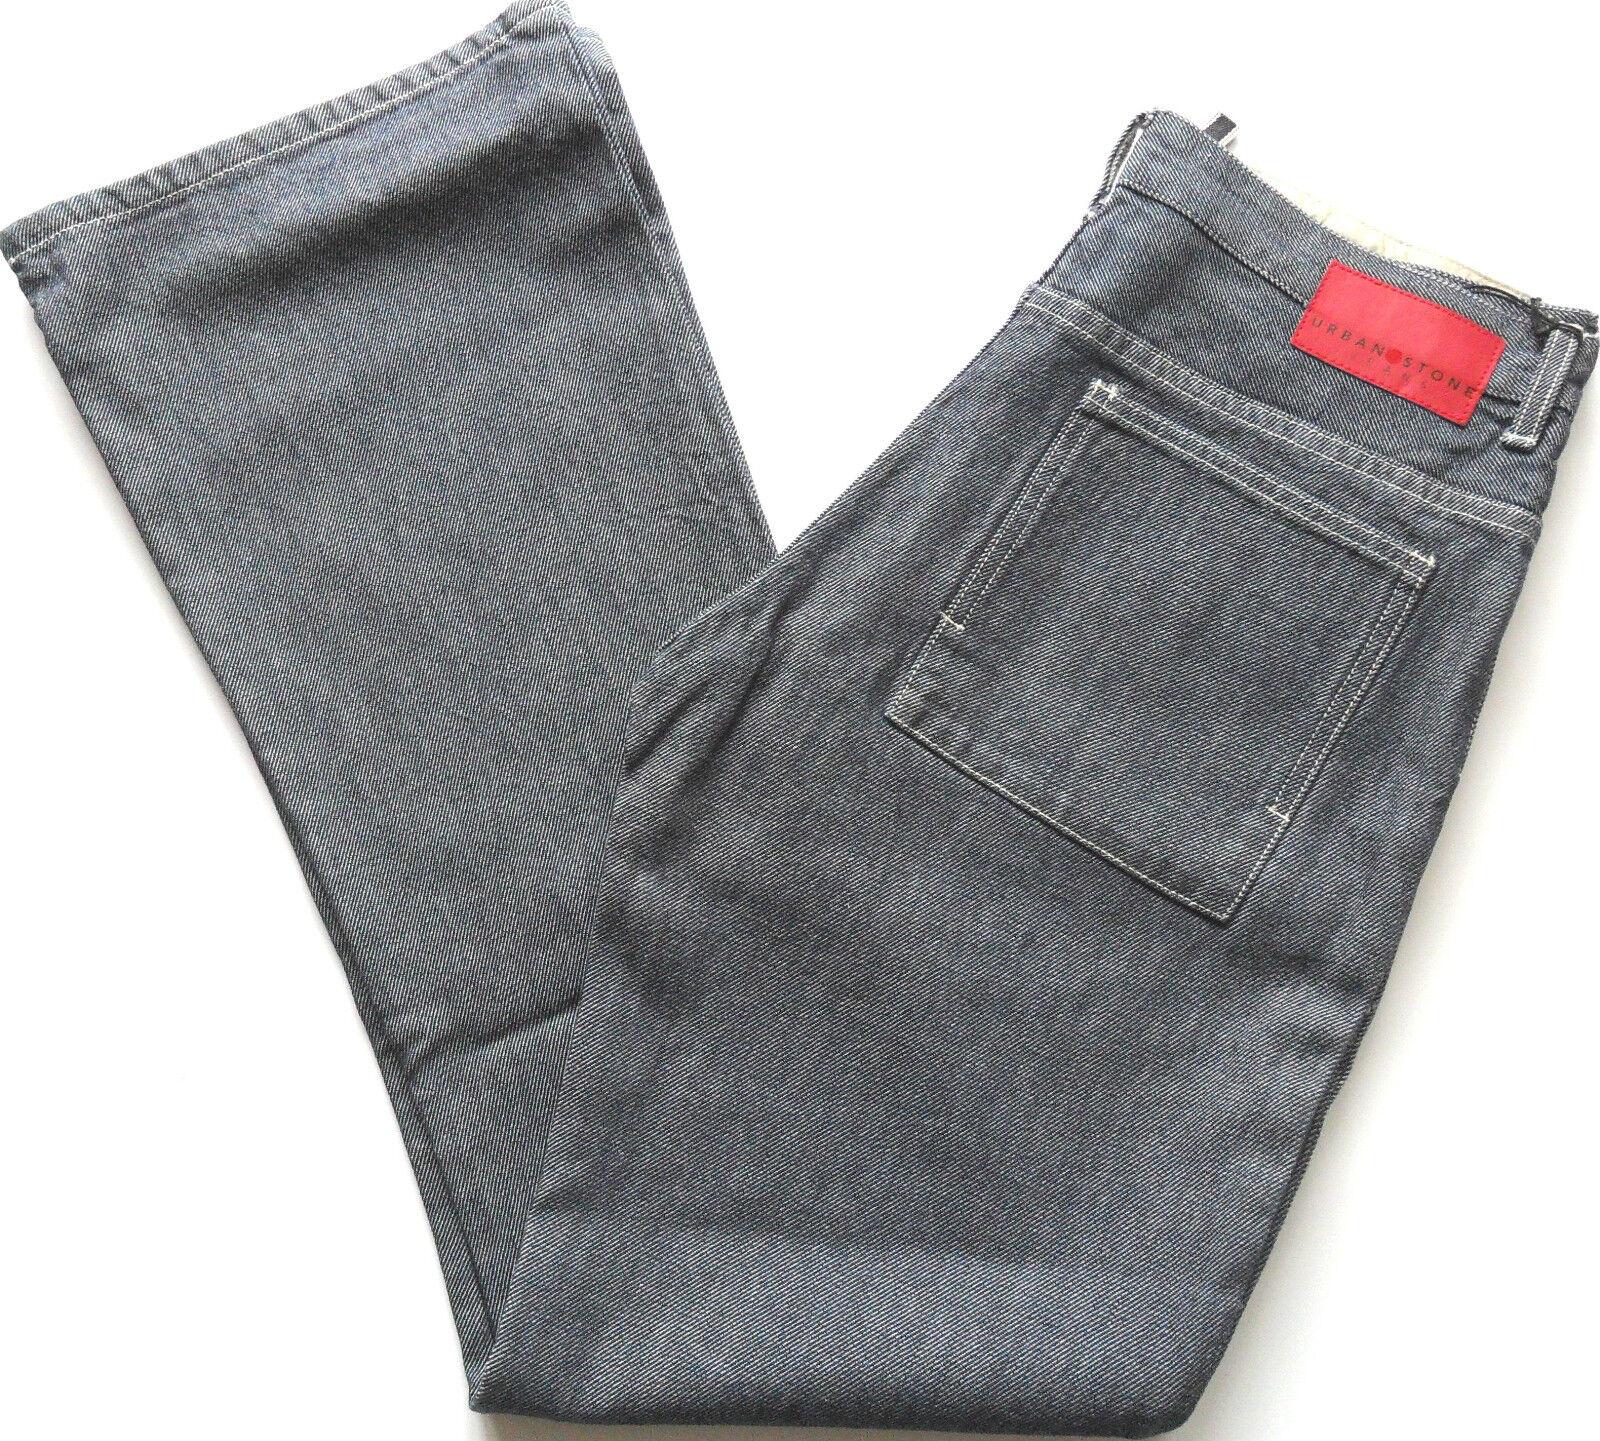 URBAN STONE Mens Flarot Denim Jeans Zip Fly One Wash Waist 30 32 36  | Online-verkauf  | Neueste Technologie  | Moderater Preis